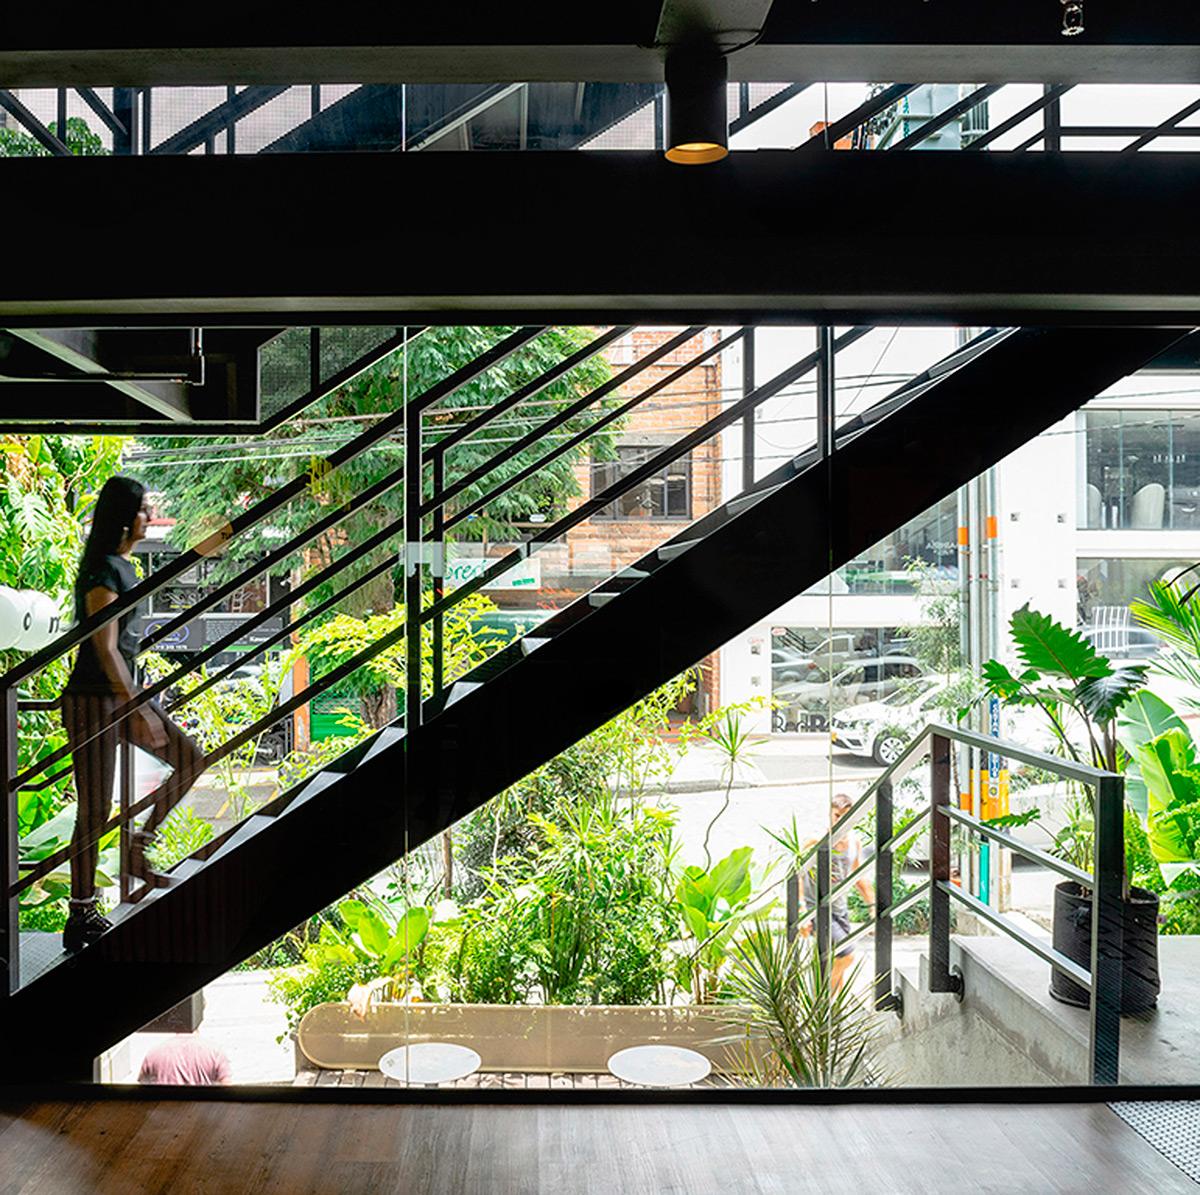 Hotel-The-Somos-A5-Arquitectura-Luis-Bernardo-Cano-03